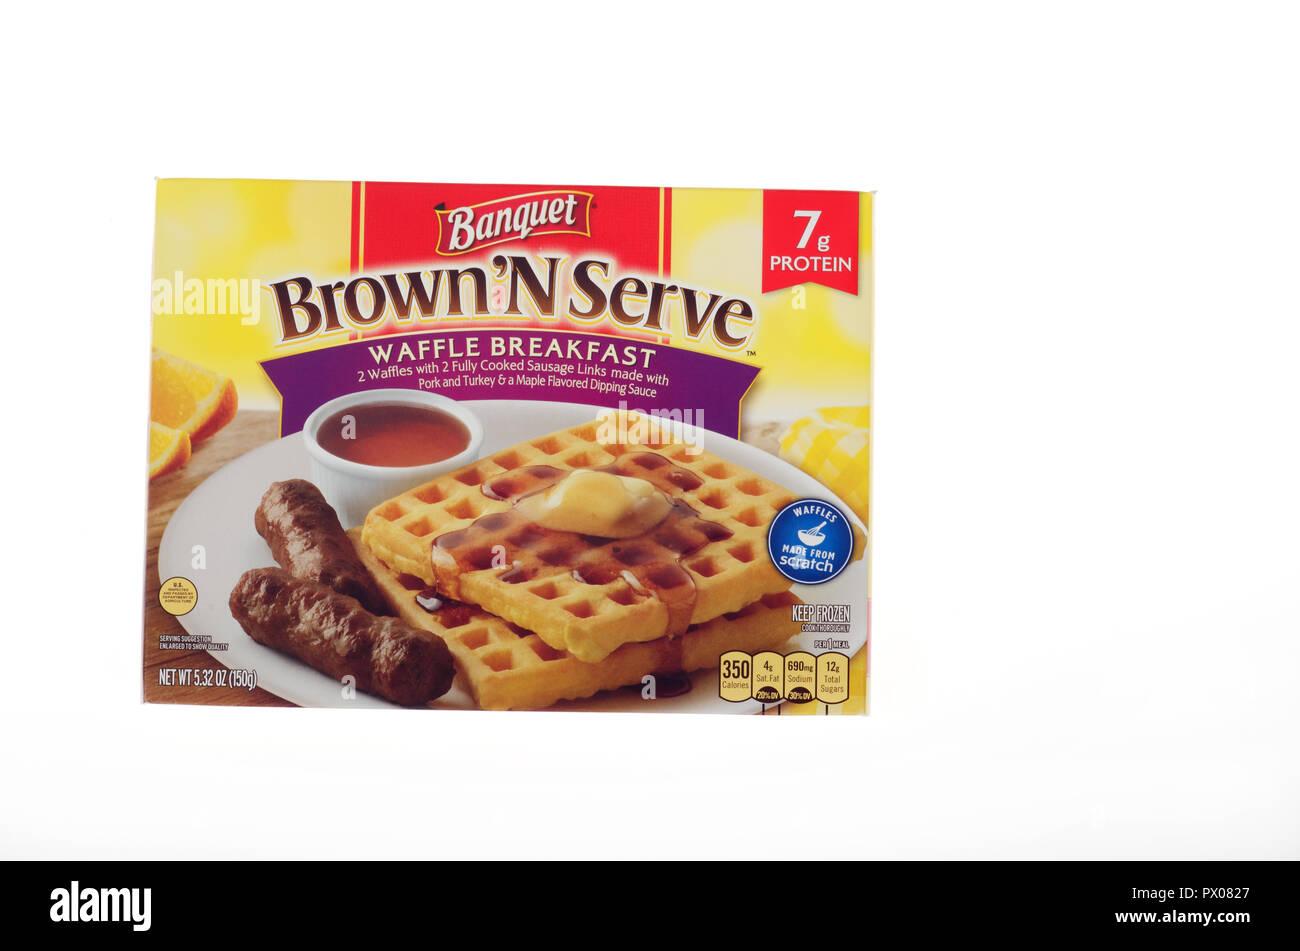 Box Bankett Lebensmittel, Teil von ConAgra, gefroren Frühstück mit 2 Waffeln, 2 Würstchen & Ahorn Sirup aromatisiert oder Soße Essen Stockbild